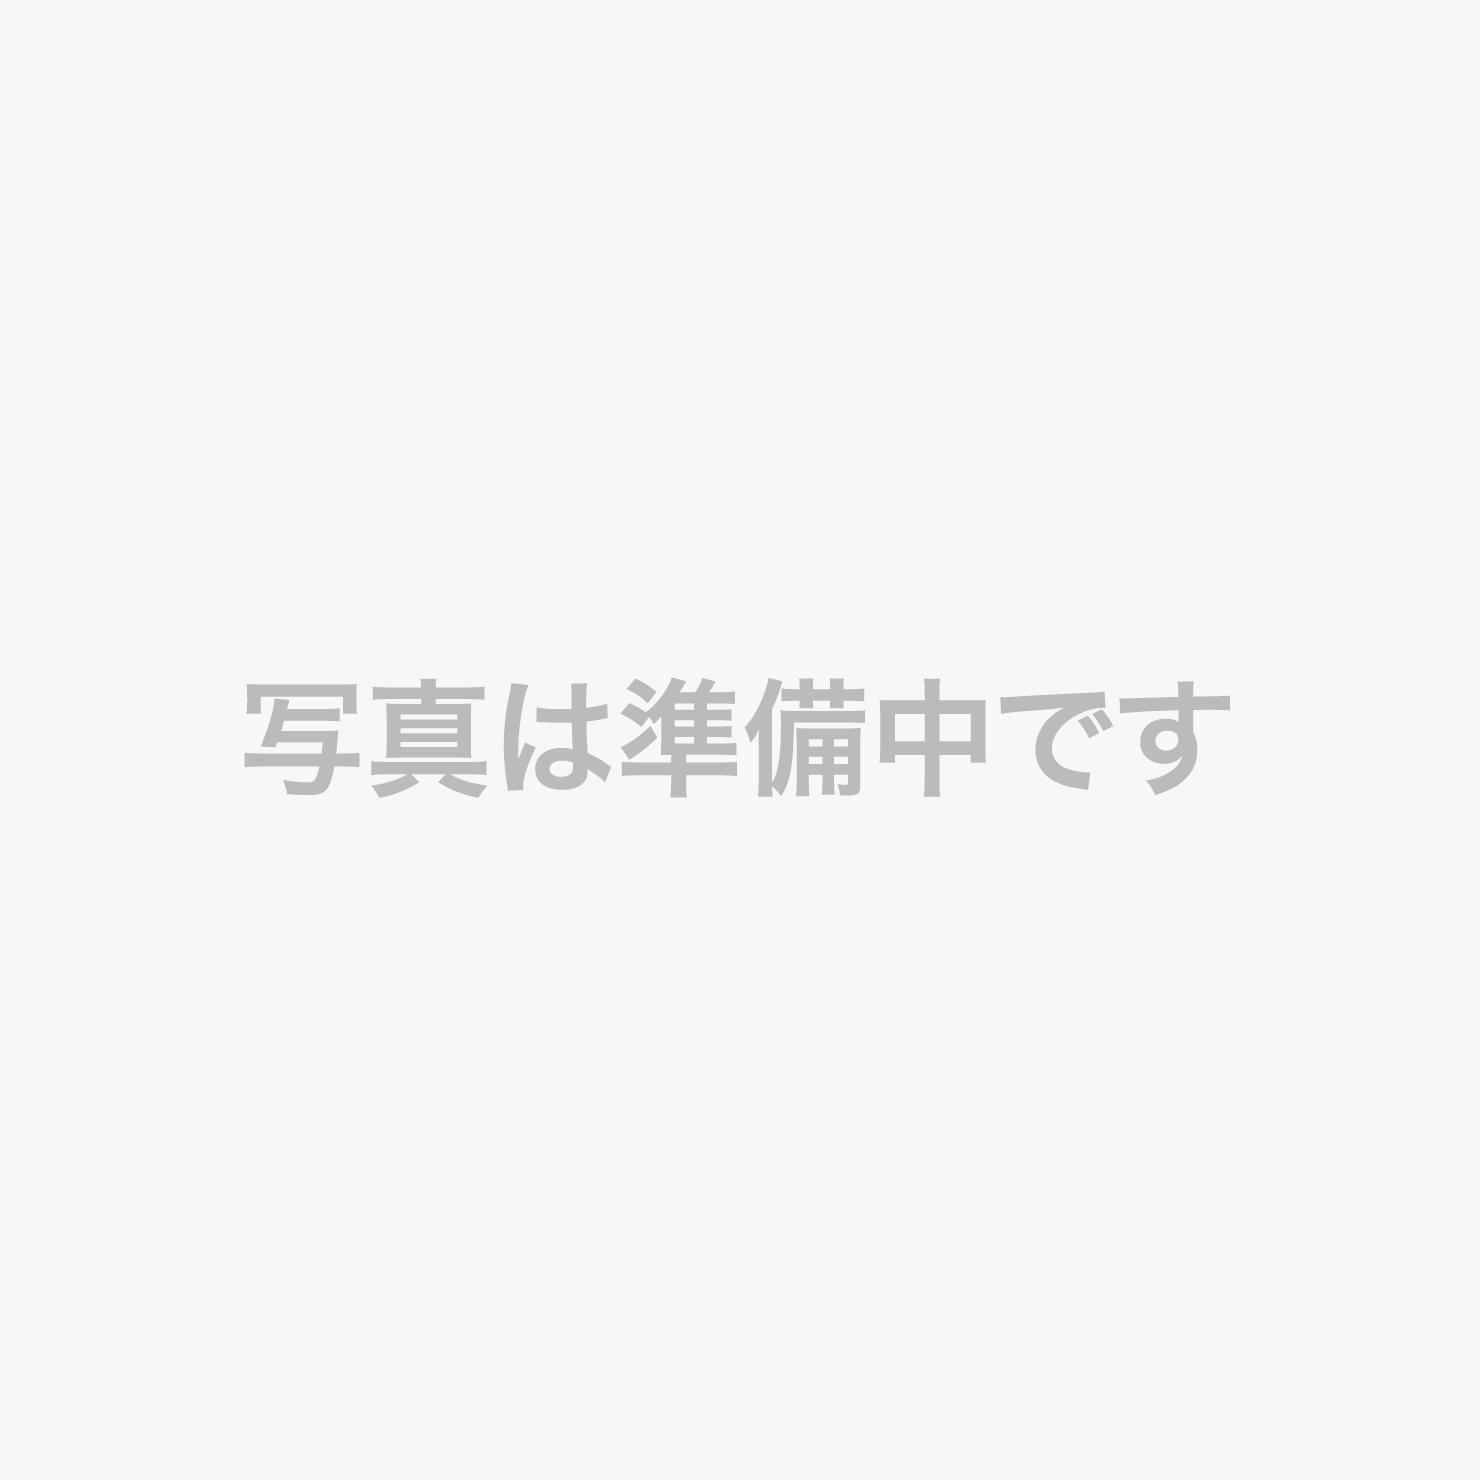 【ゲストルーム】